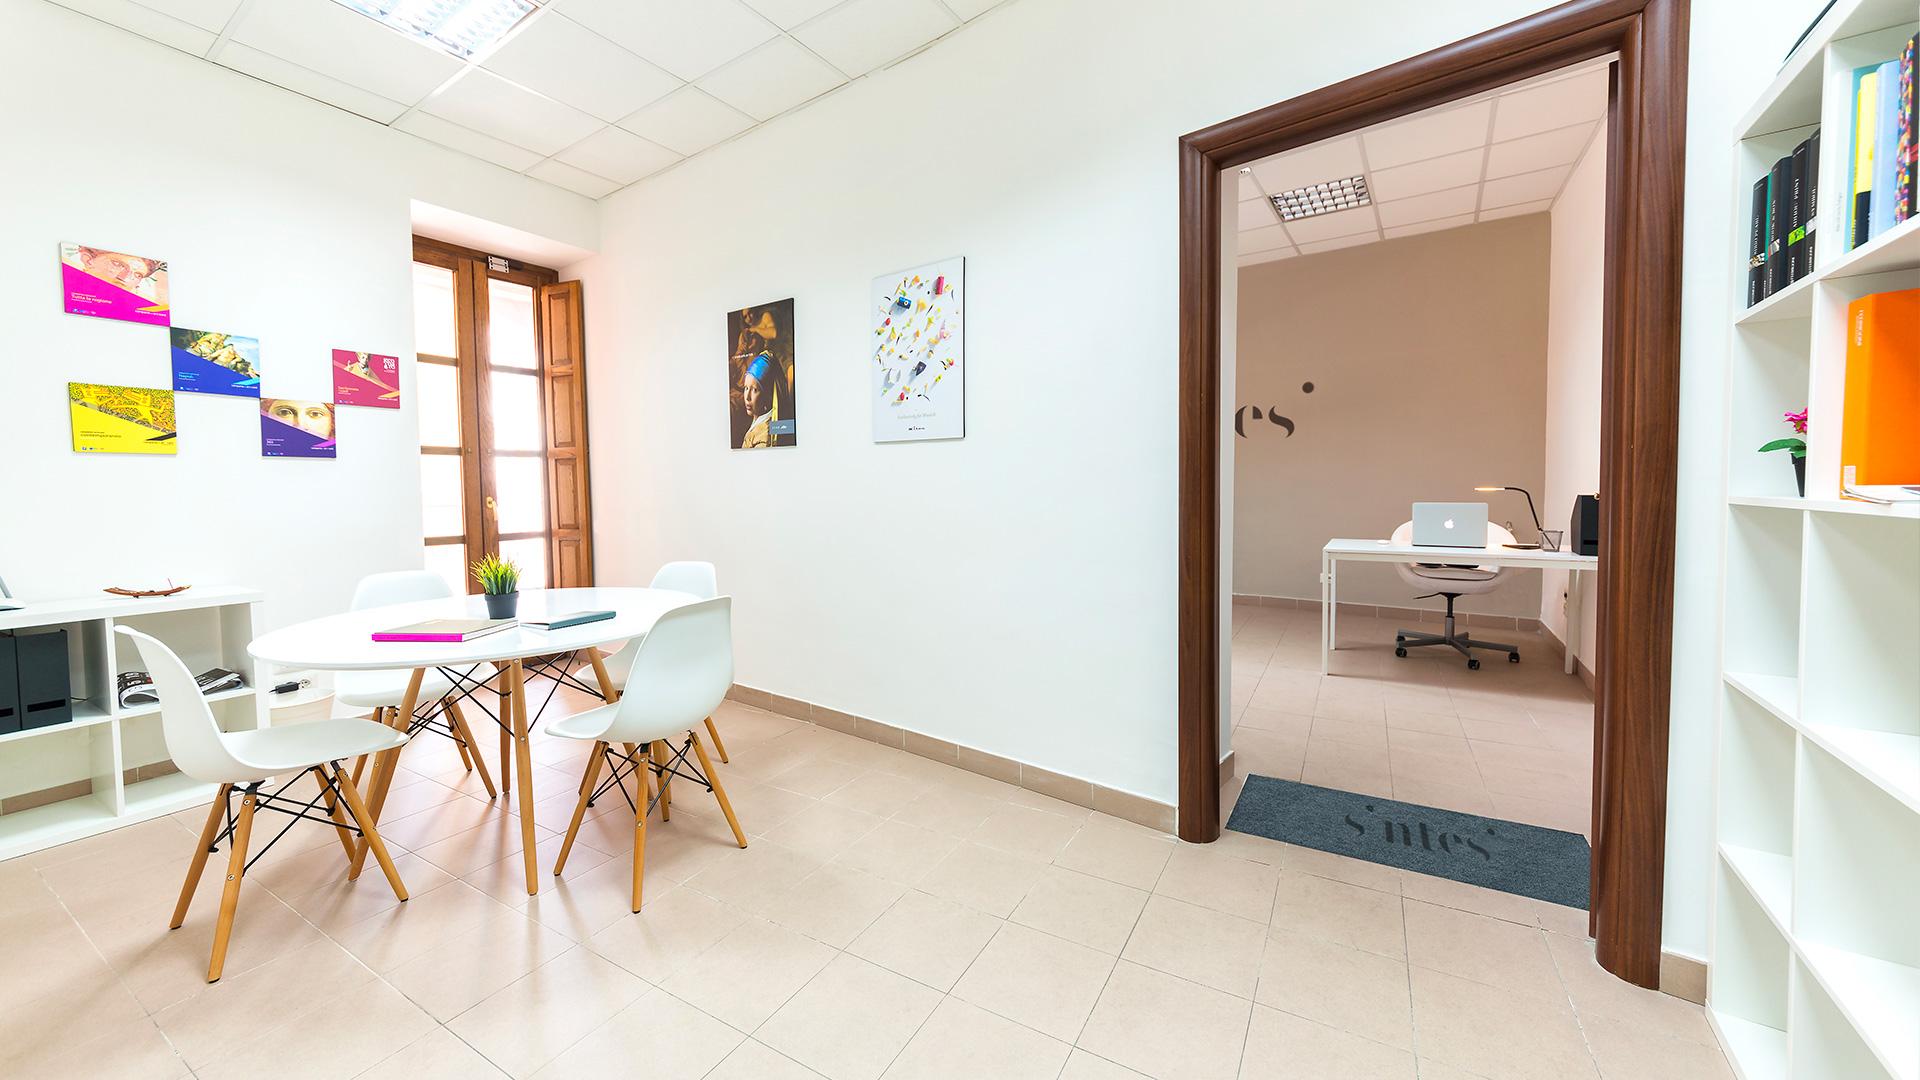 sala riunioni agenzia pubblicitaria a Napoli